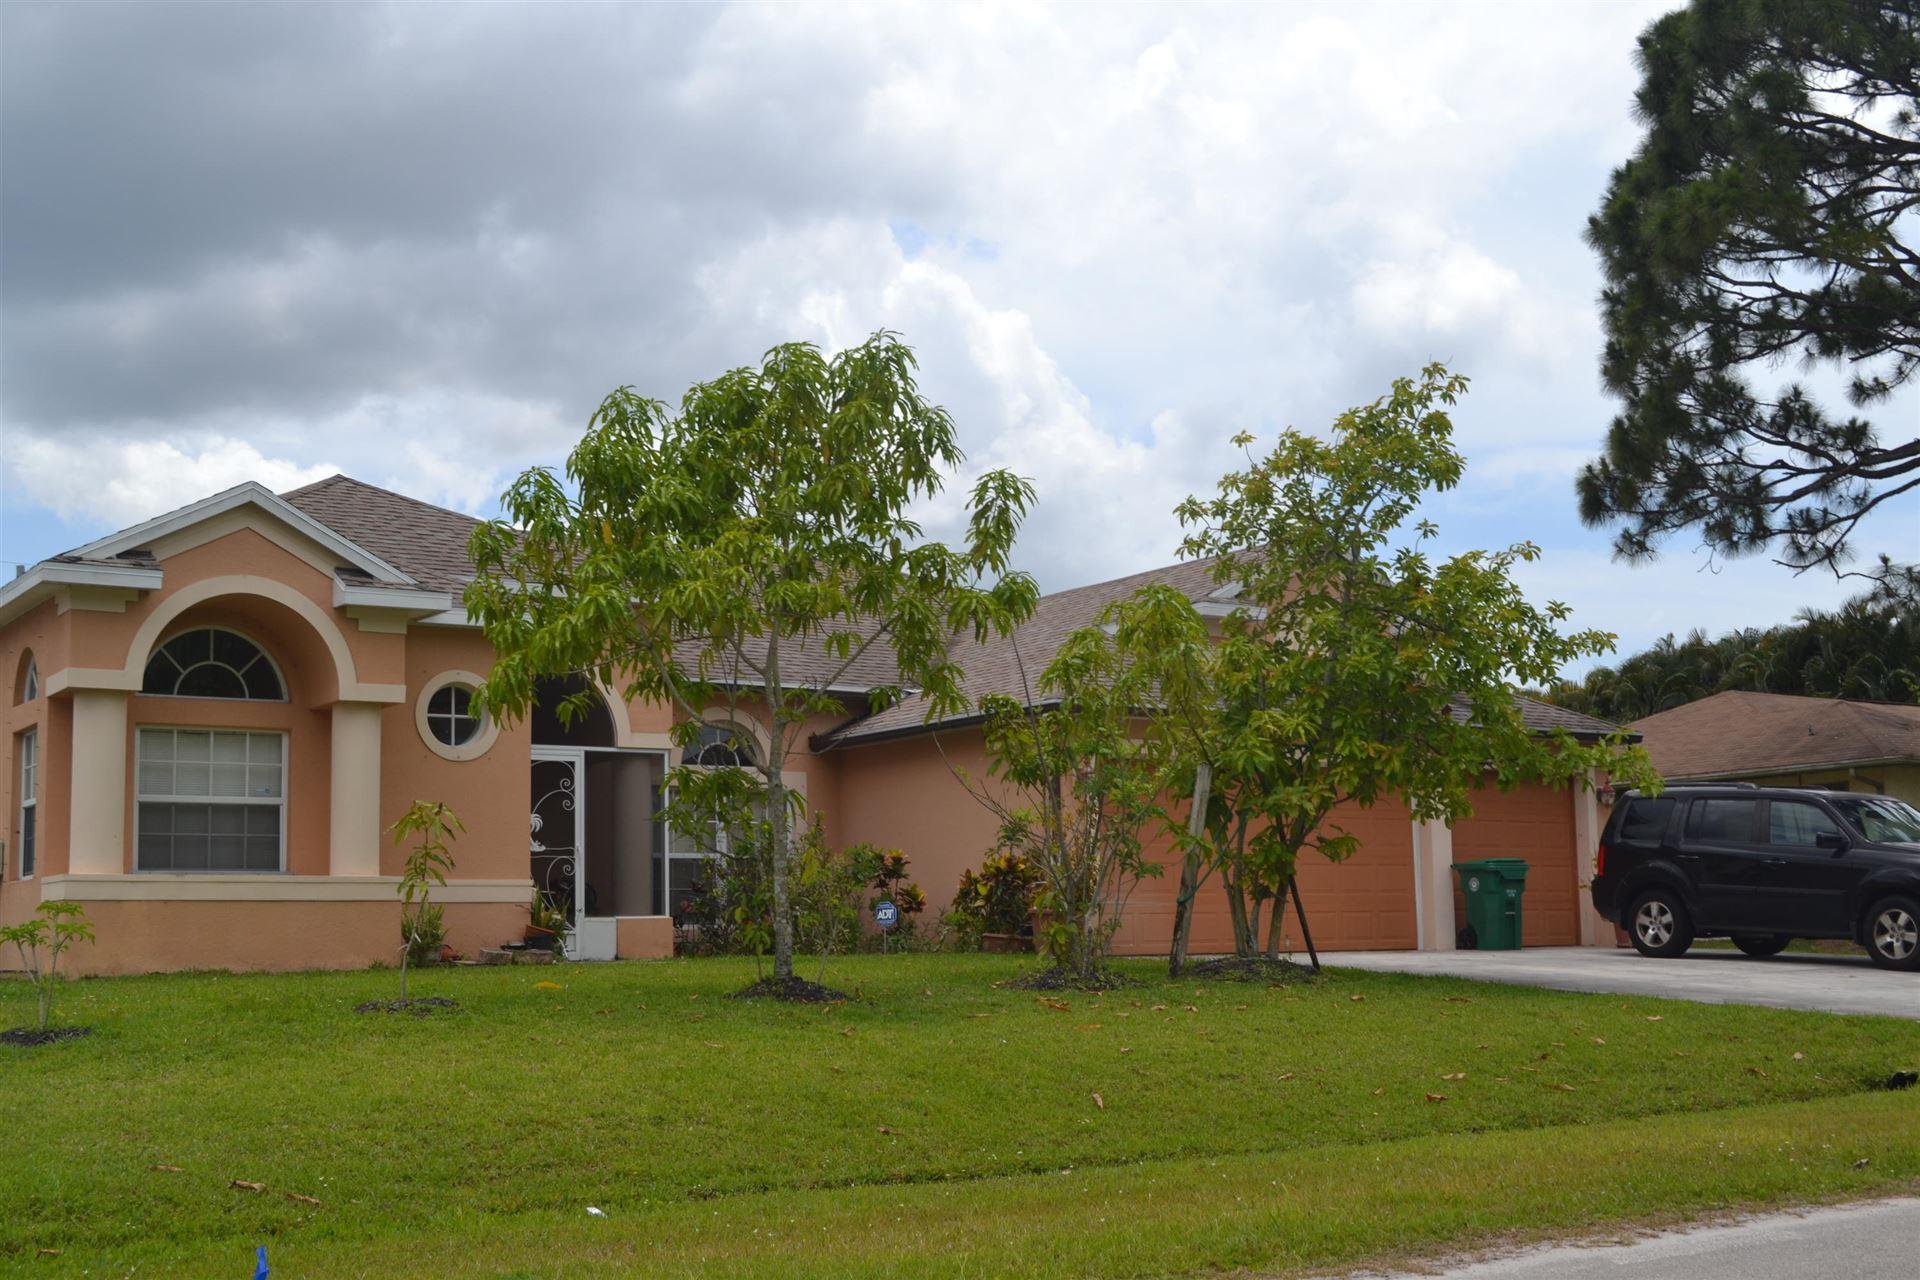 738 SE Lansdowne Avenue, Port Saint Lucie, FL 34983 - MLS#: RX-10716279